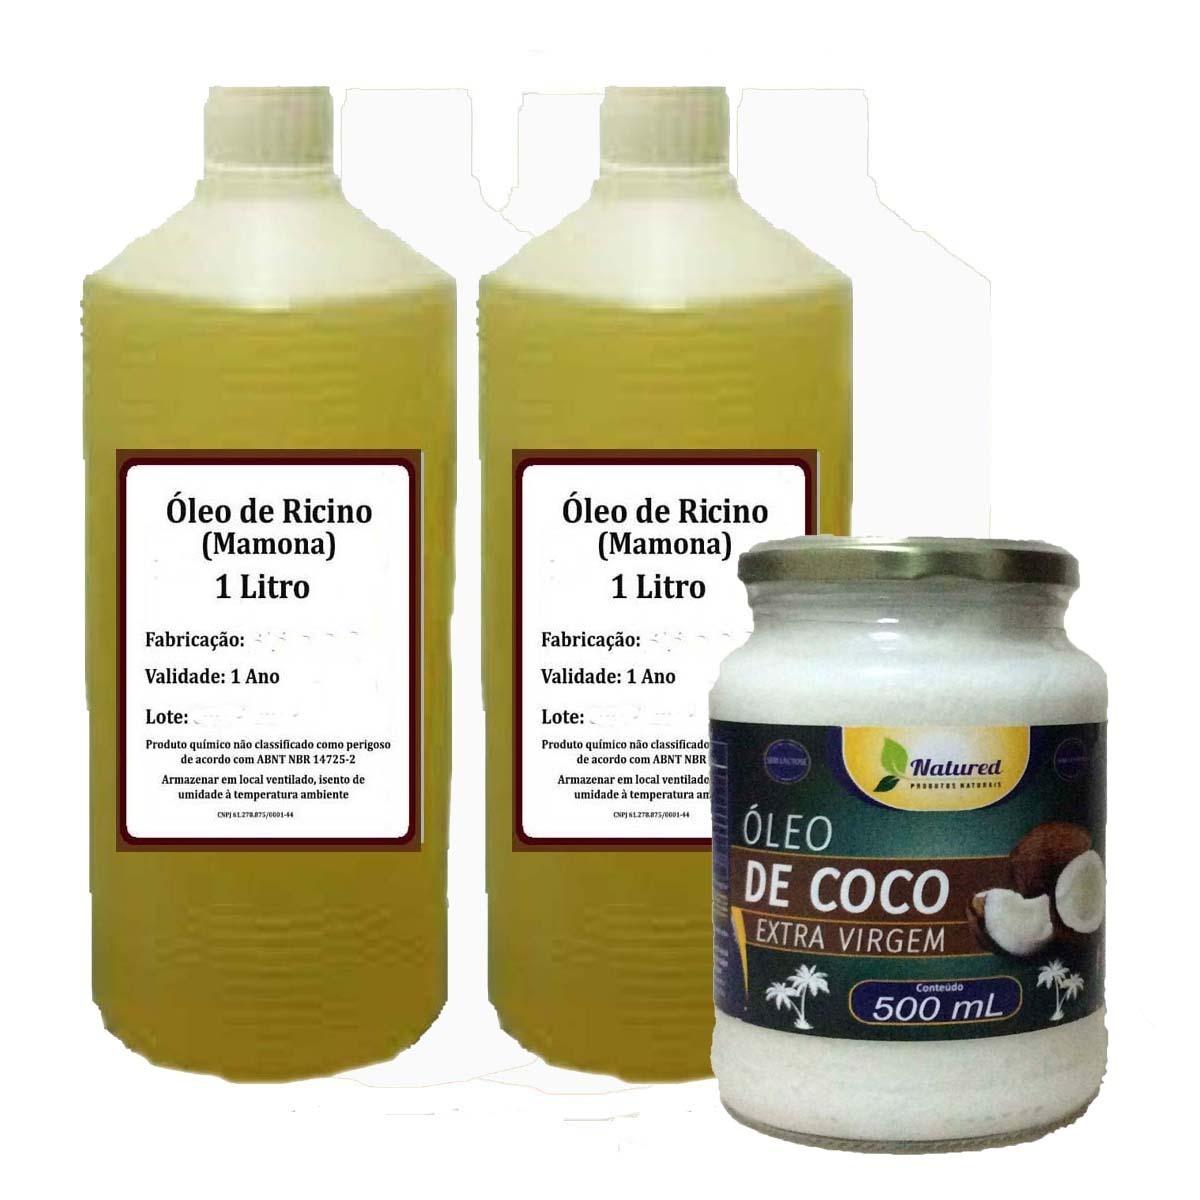 ff4a84708 2 Lts Óleo Rícino Puro + 1 Óleo De Coco 500ml Extra Virgem - R$ 80 ...